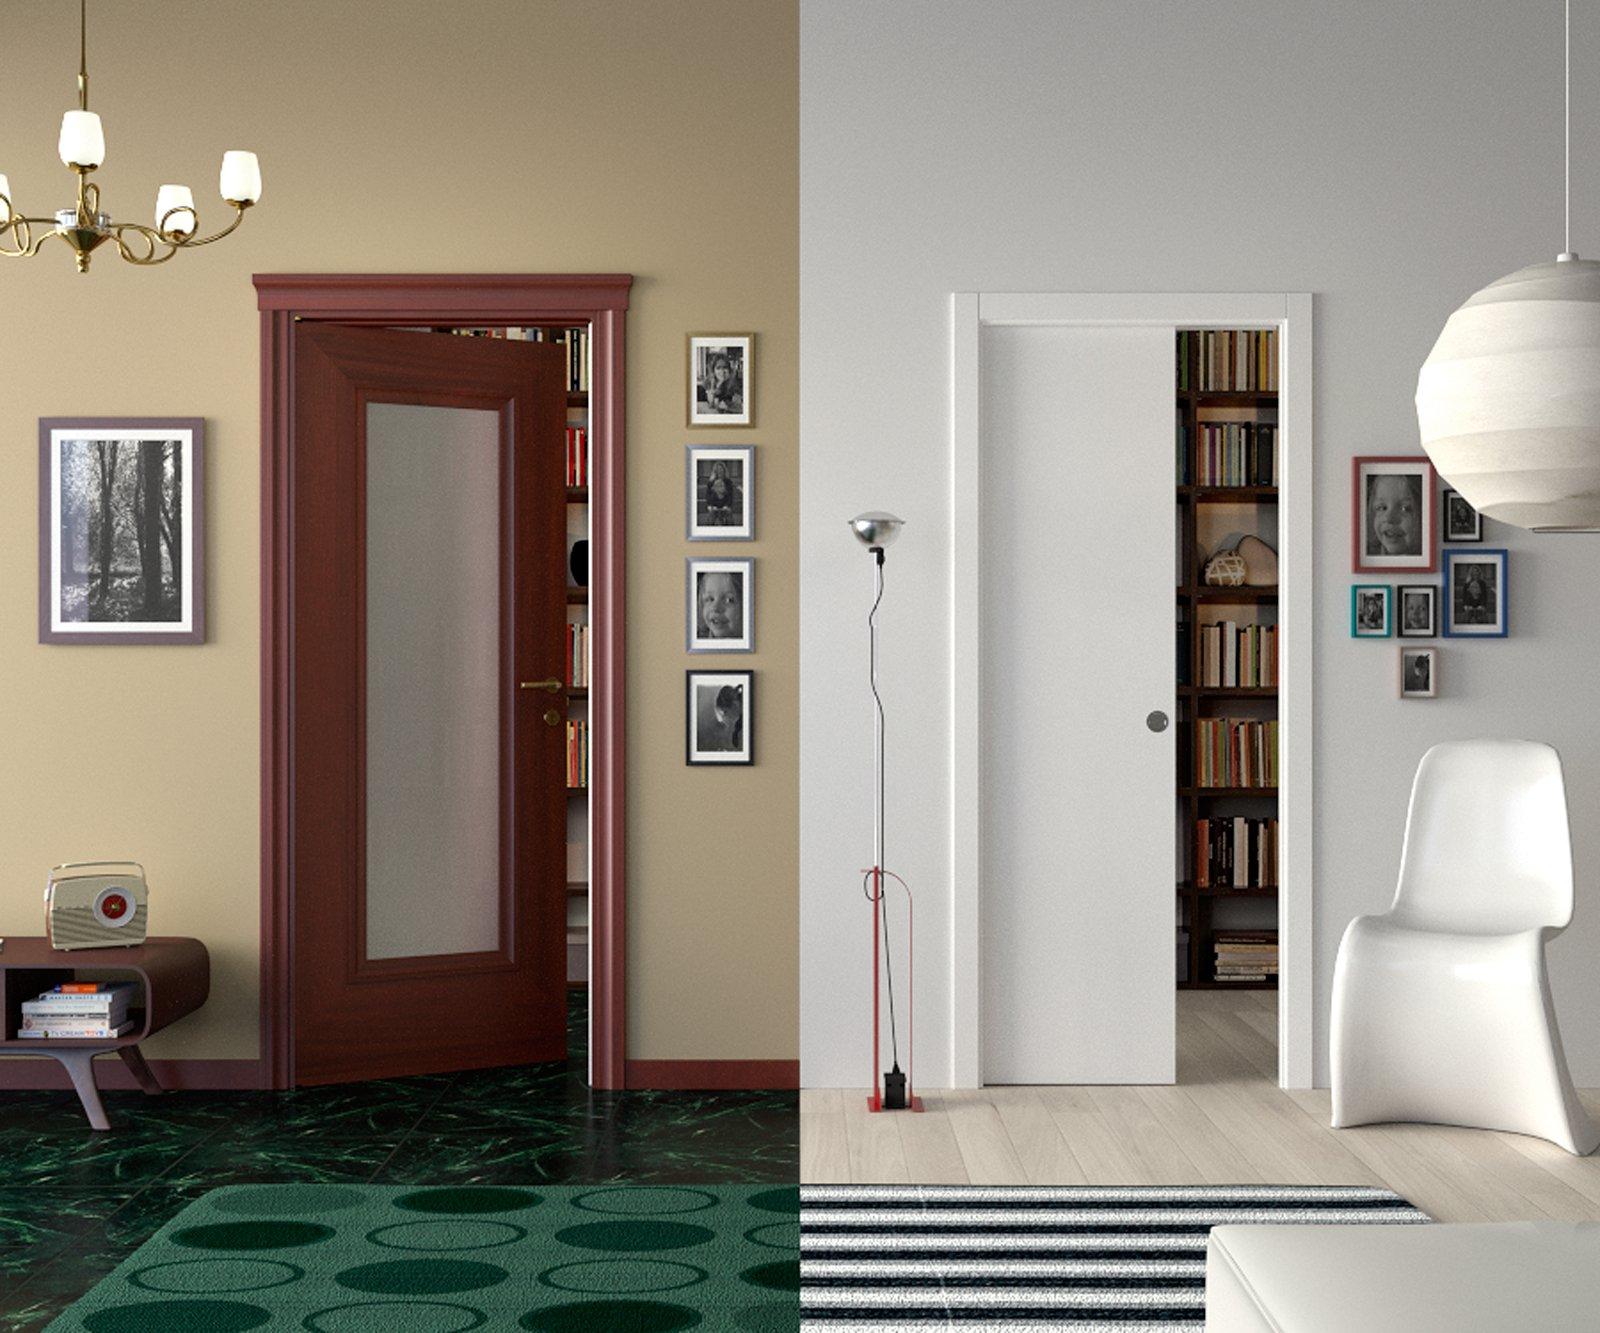 Sfruttare bene lo spazio con porte e contenitori a - Tenda porta scorrevole ...